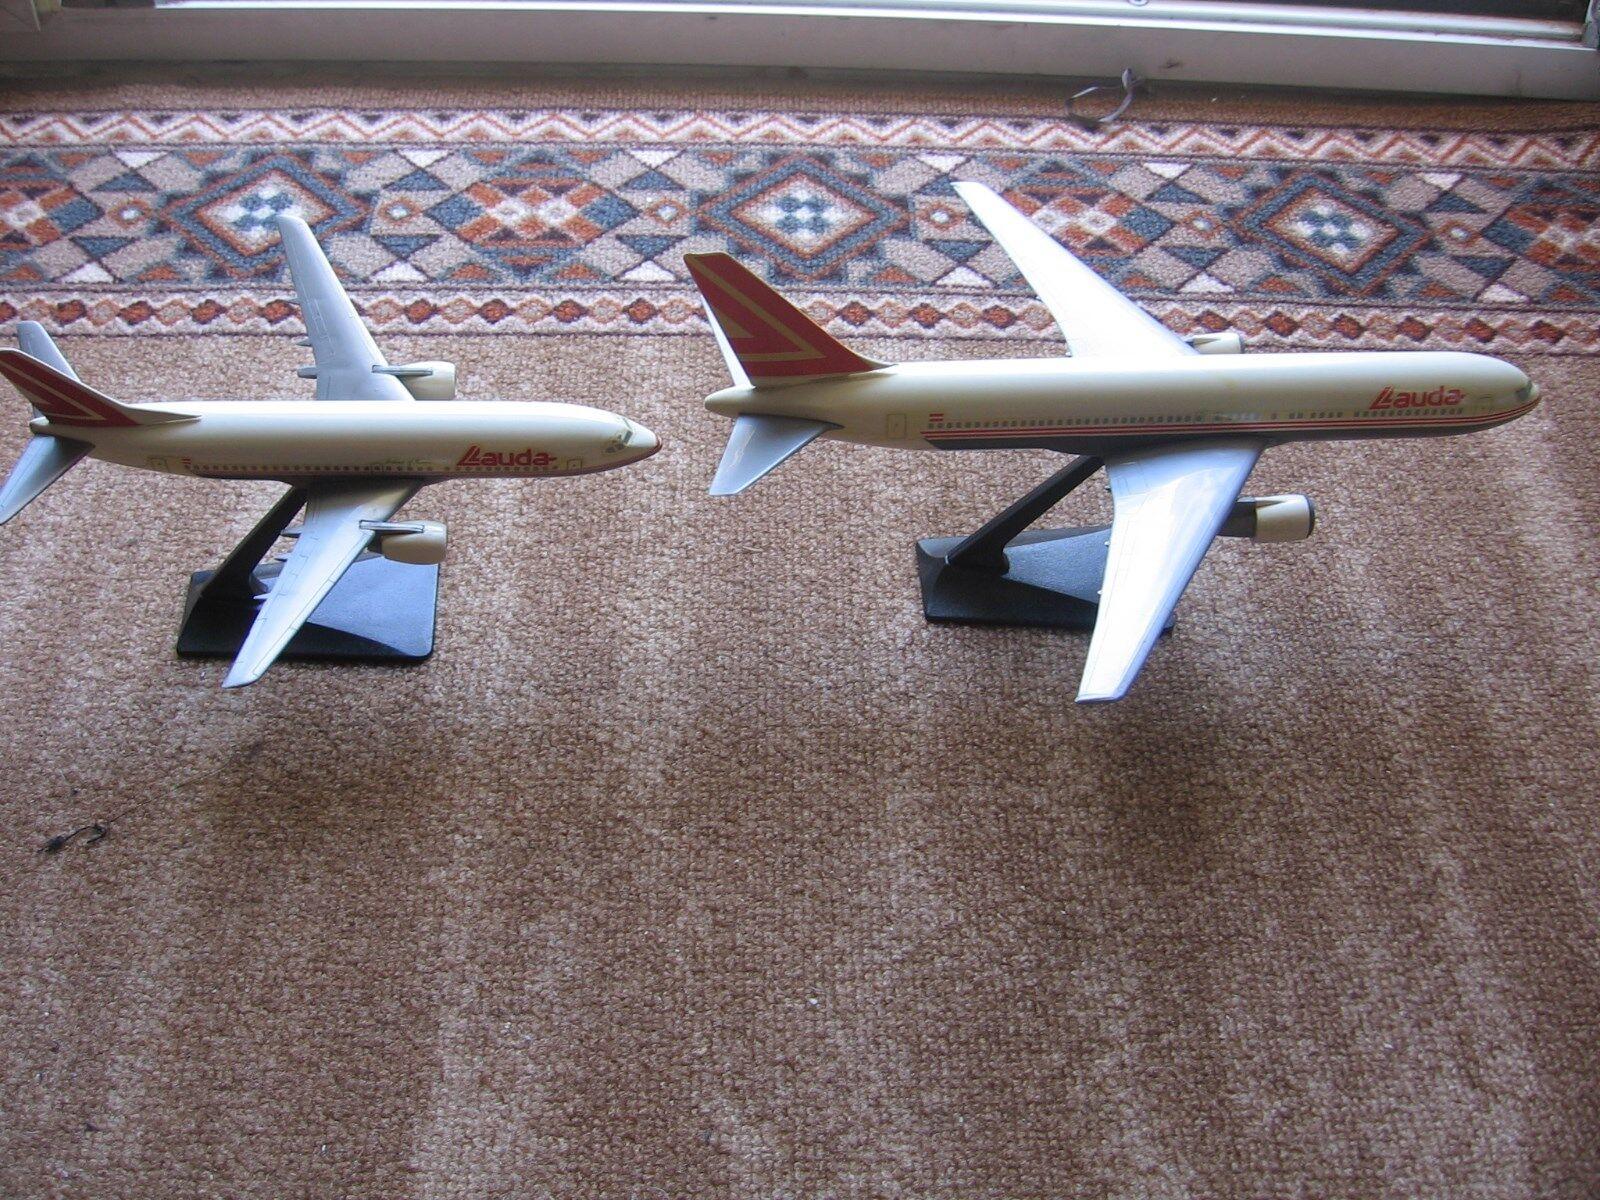 Lauda Air boeing 737-300 & boeing 767-300 Travel Agency set very old 1989 1 200